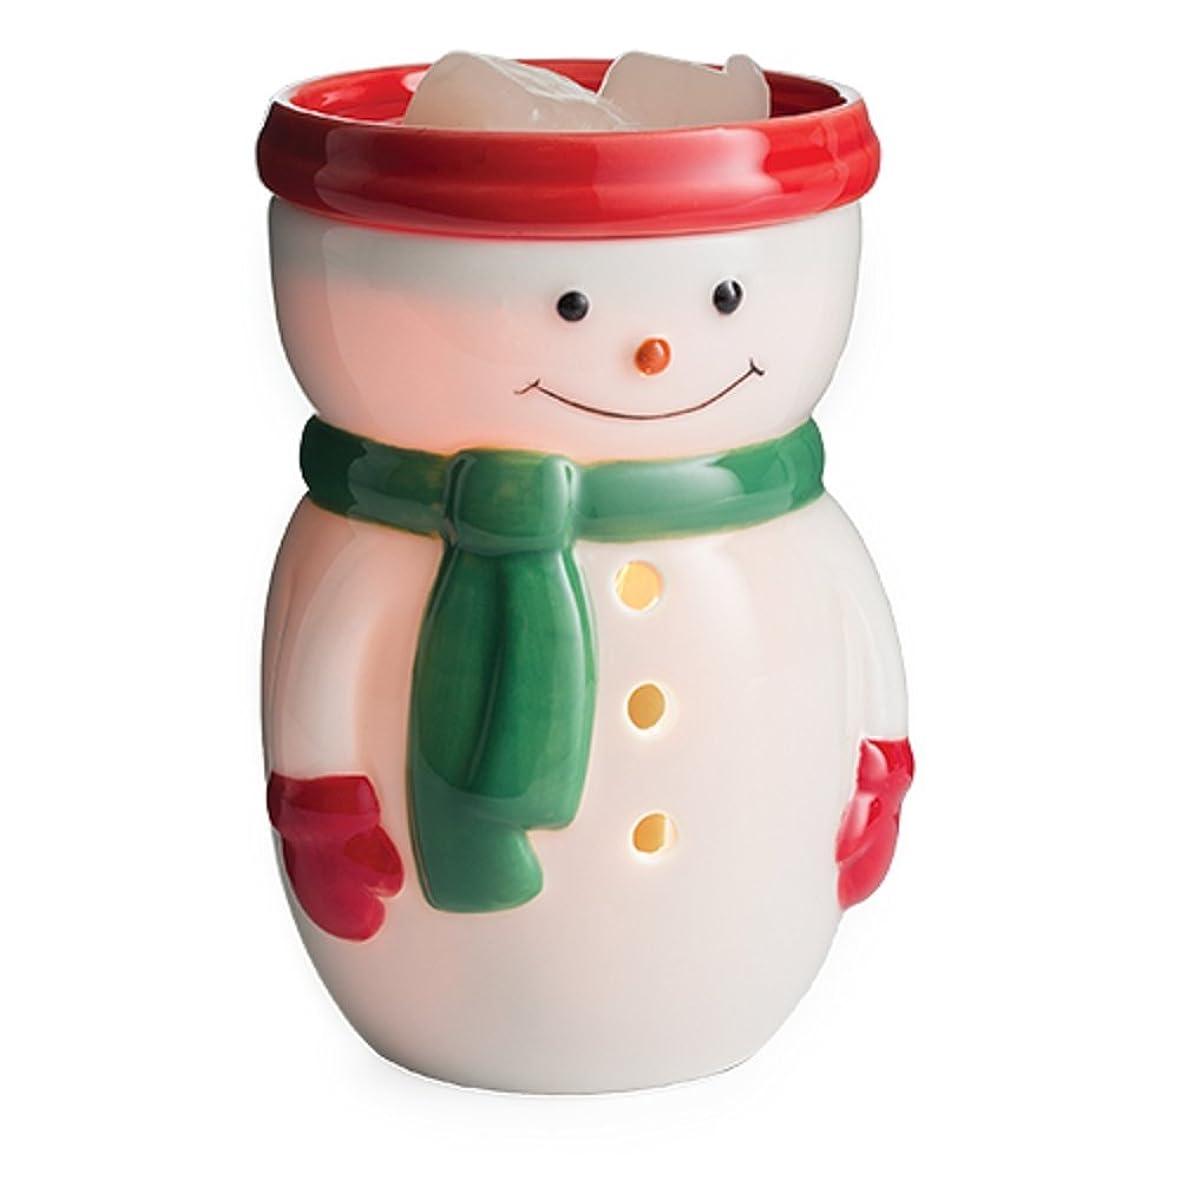 混合した気になる影(Snowman) - Candle Warmers Etc. Midsize Illumination Fragrance Warmer - Snowman Midsize